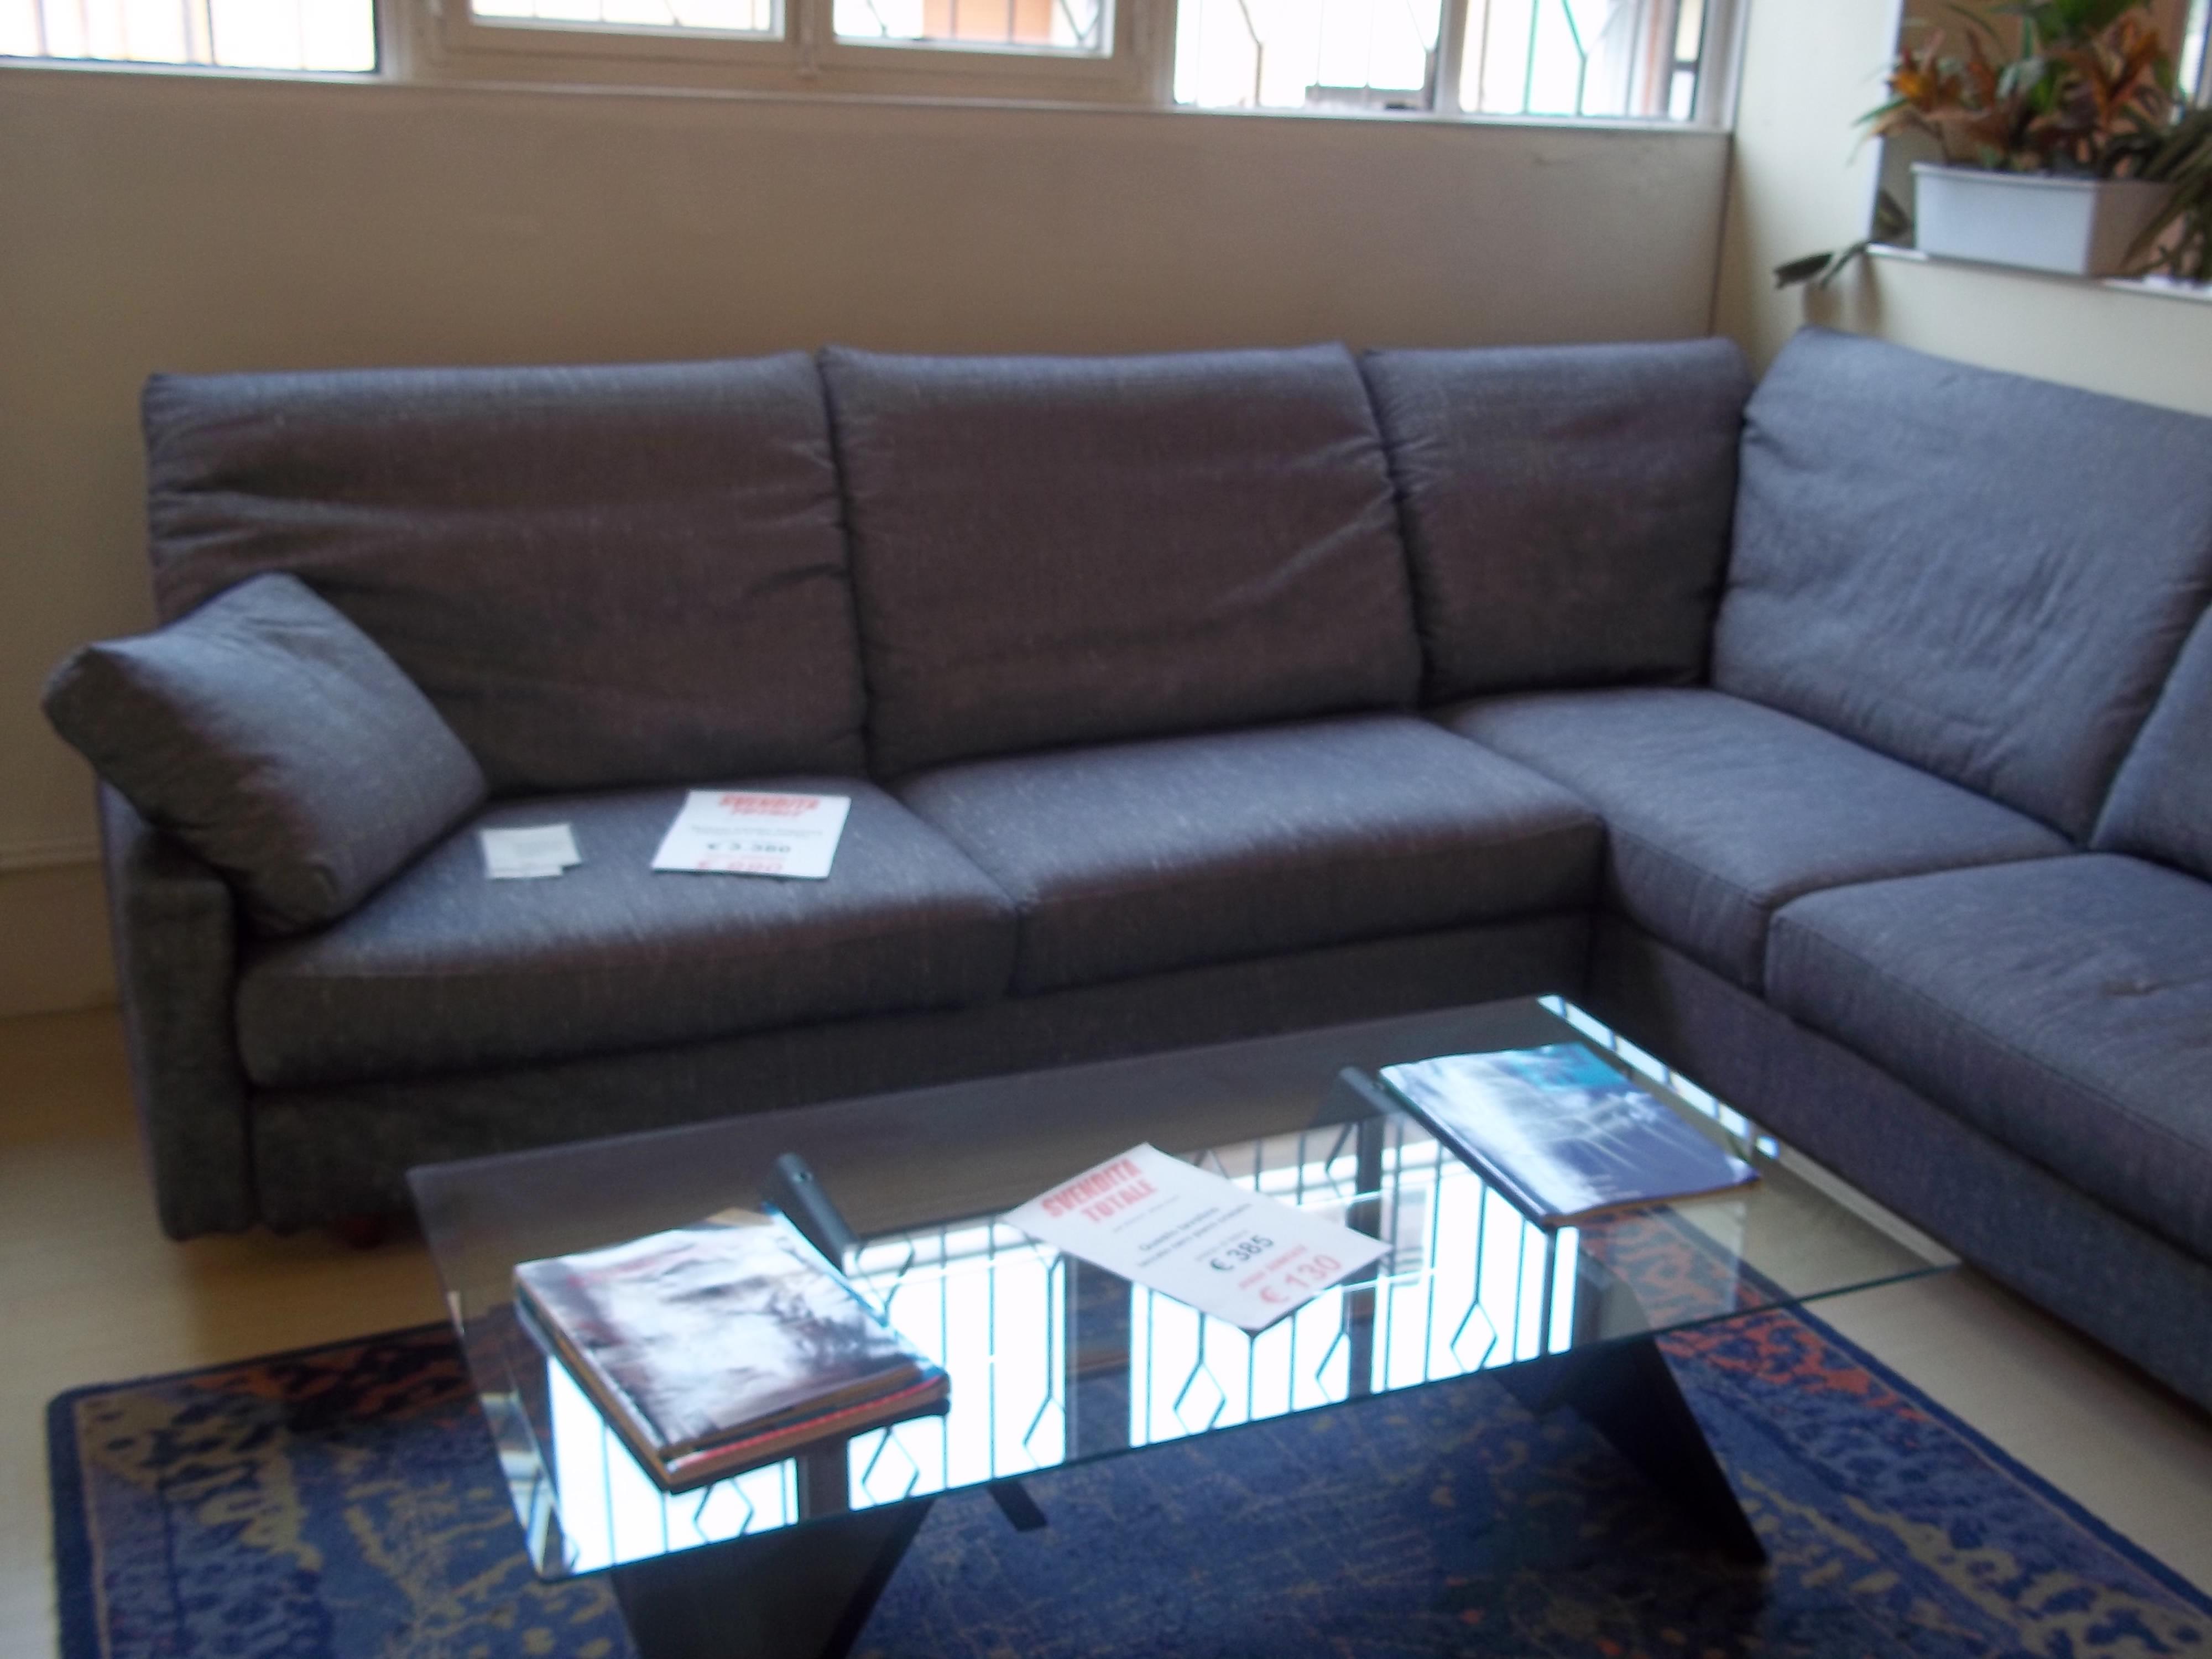 Divano angolo divani a prezzi scontati - Altezza seduta divano ...